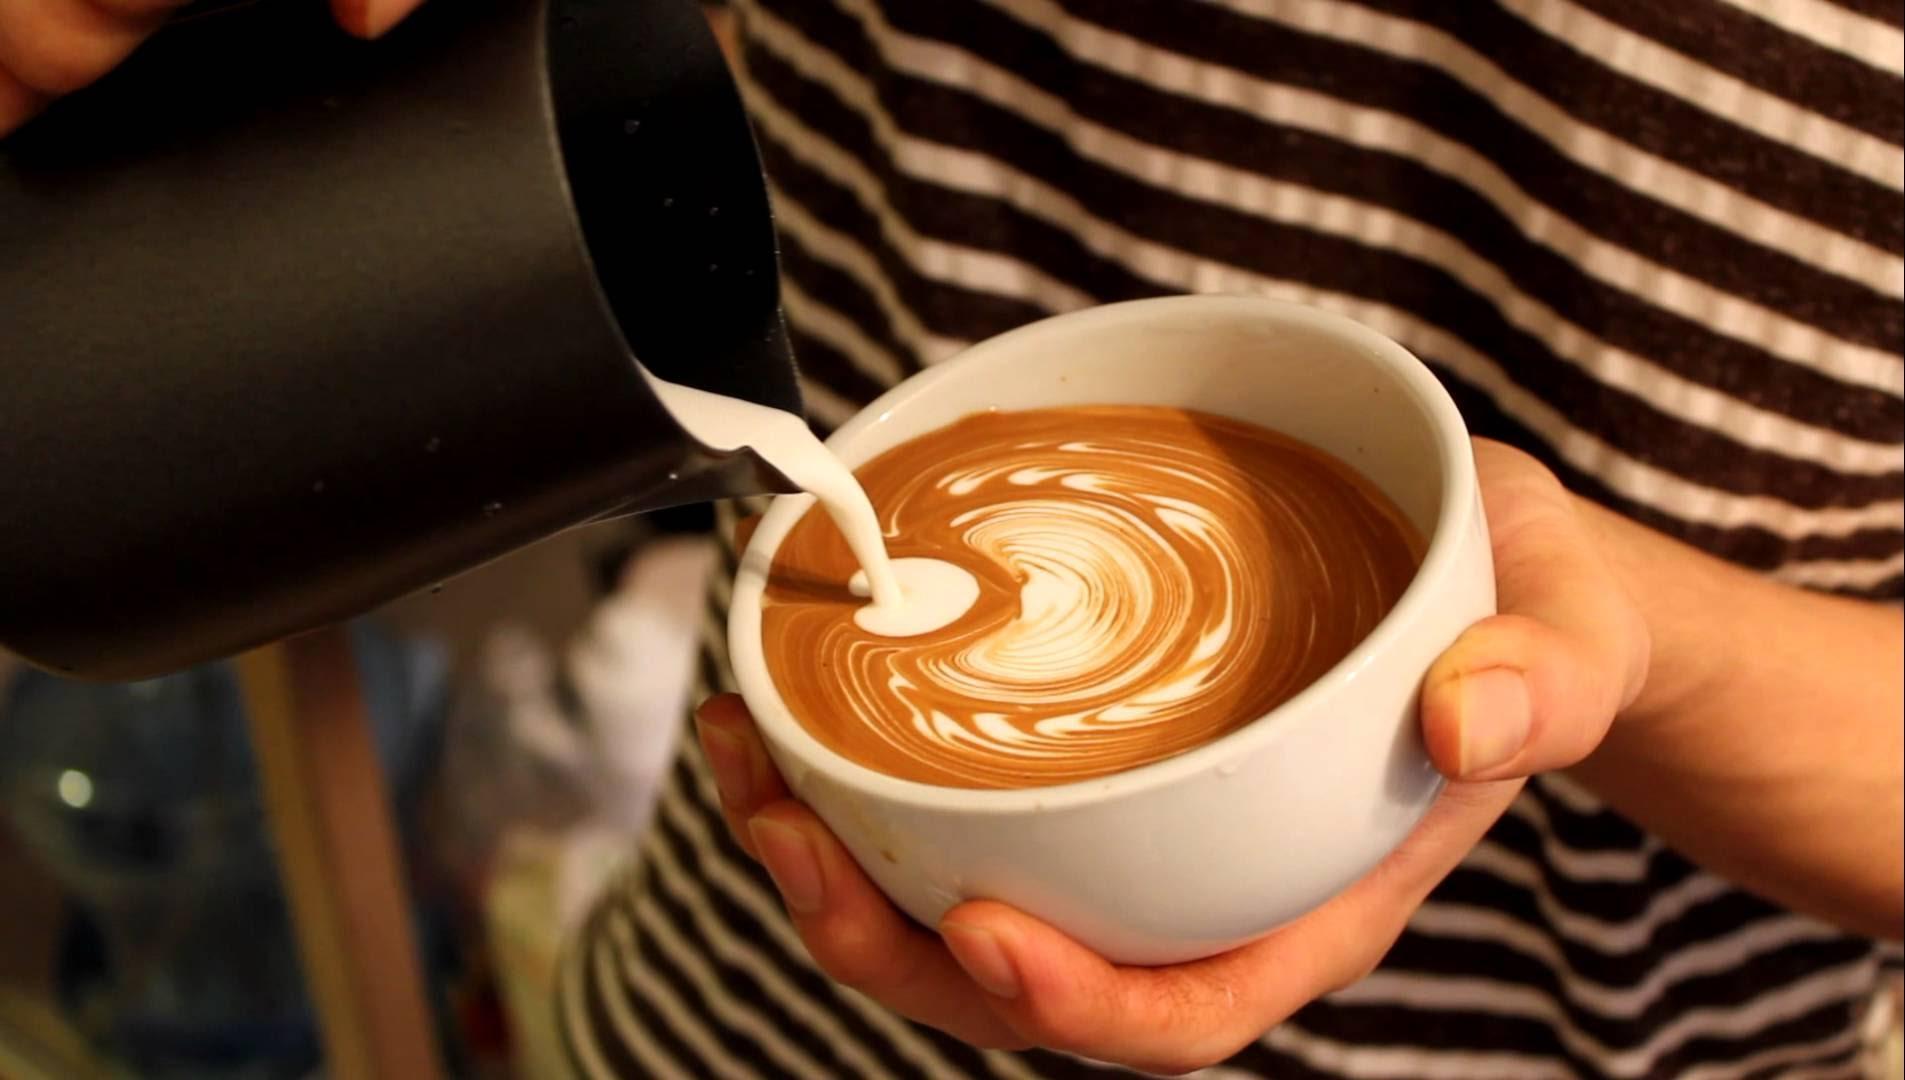 Sữa bò được cho rằng phù hợp nhất để pha cà phê sữa tươi